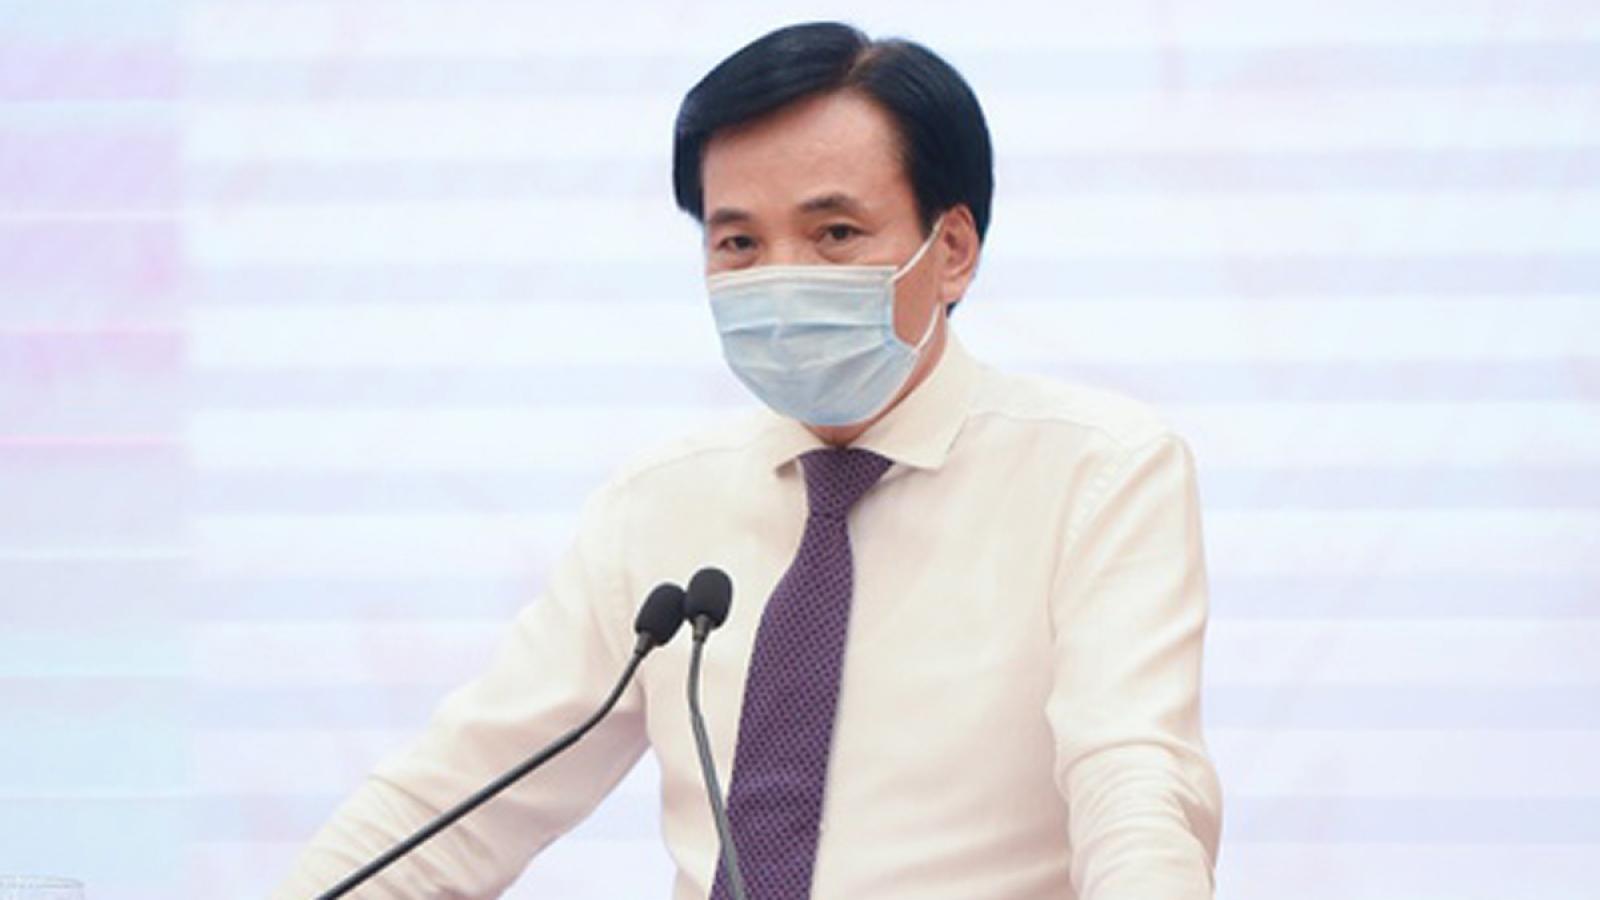 Bộ trưởng Trần Văn Sơn: Chính phủ kiên định thực hiện mục tiêu kép